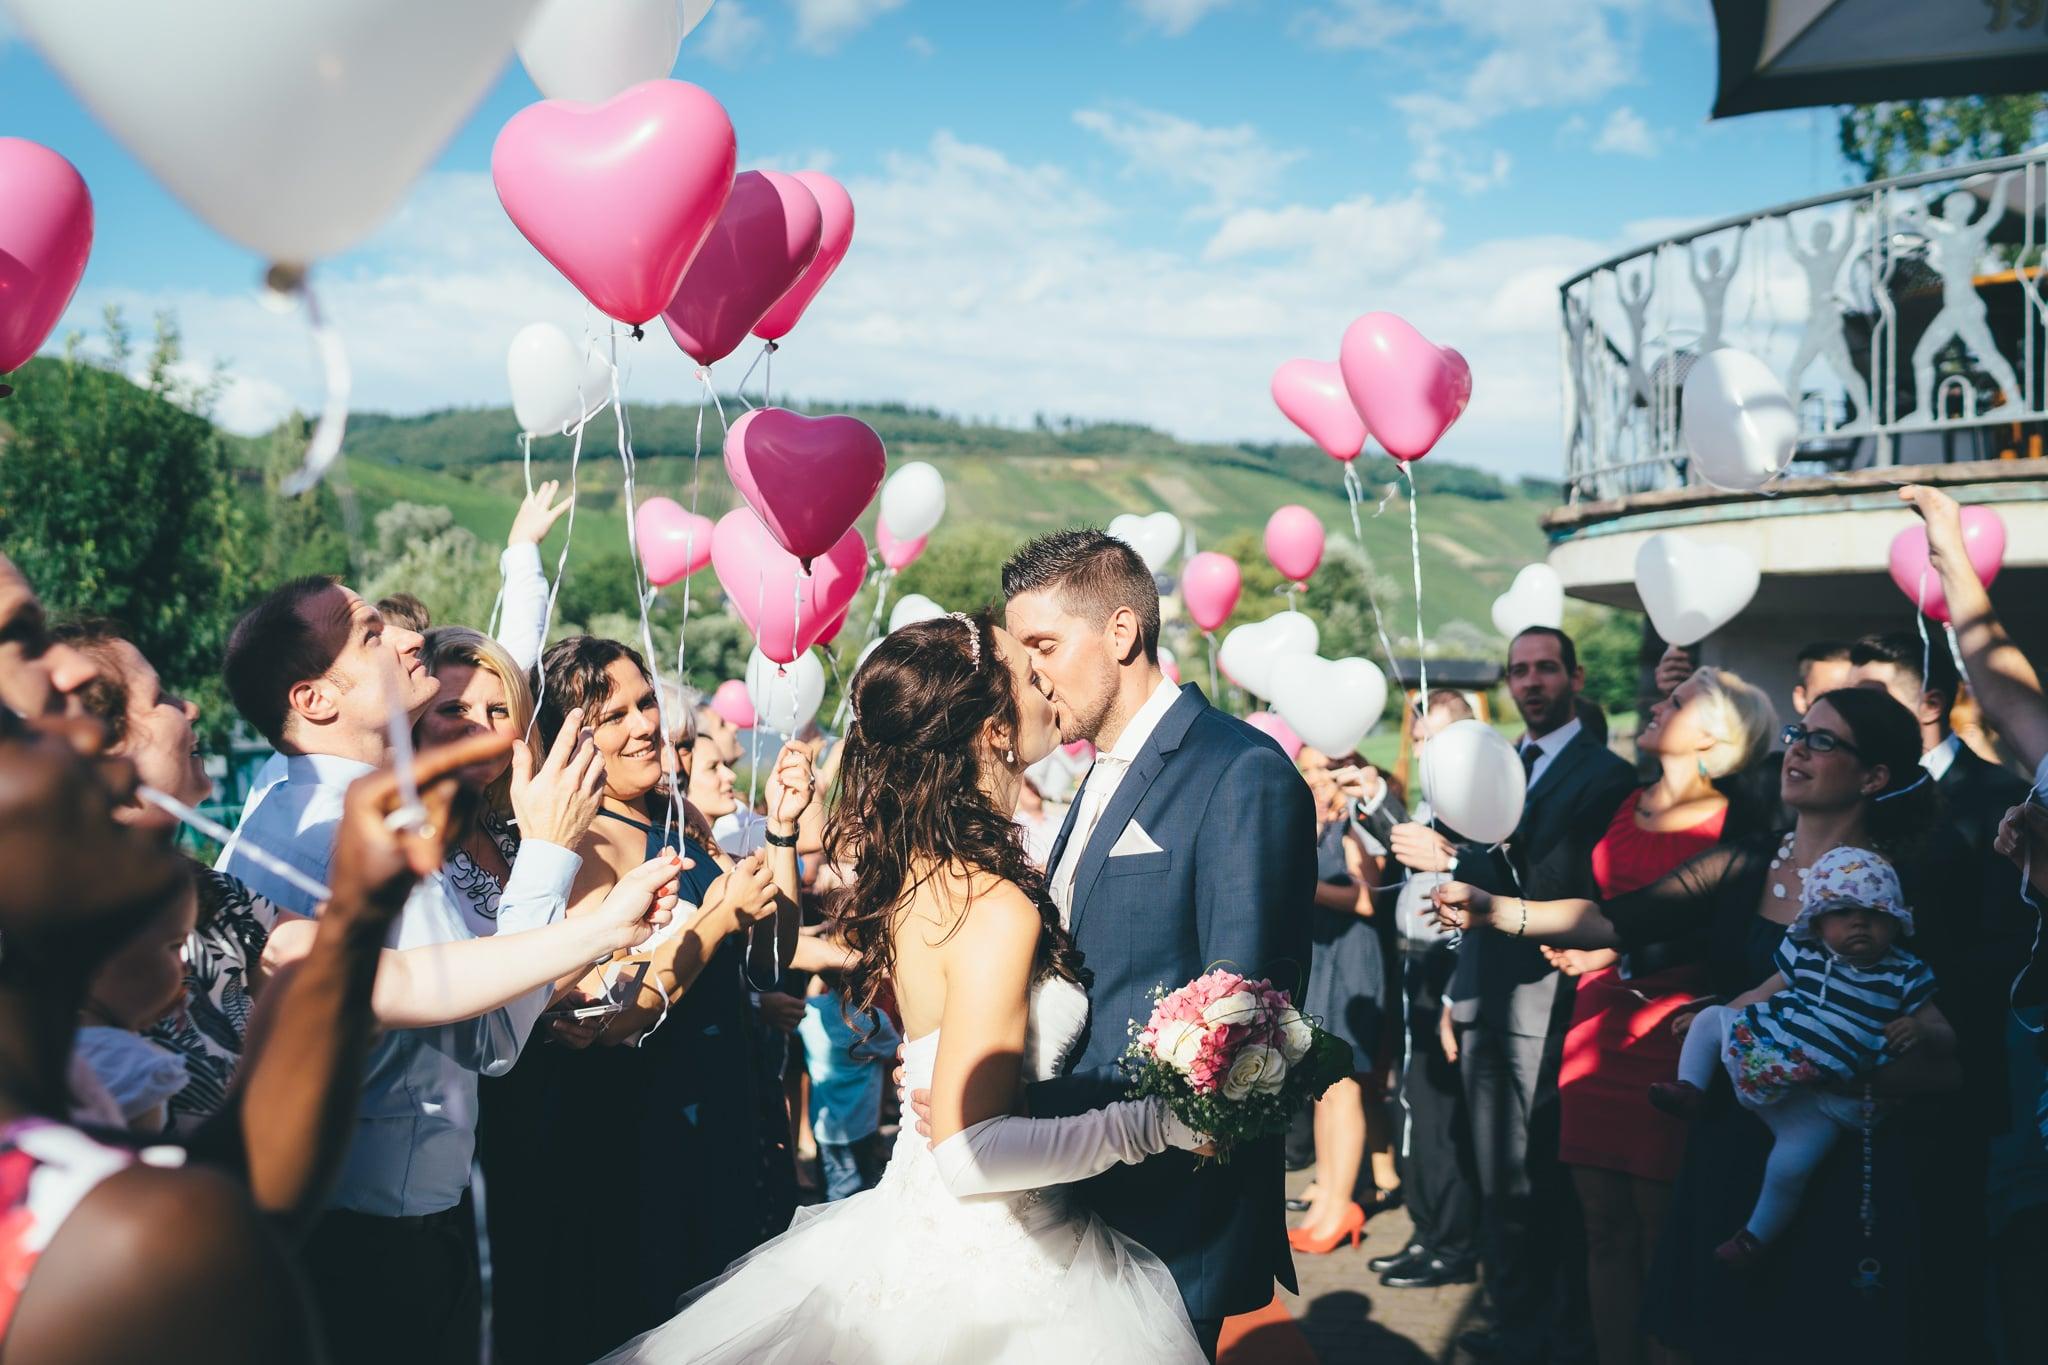 Brautpaar wird mit Luftballons am Weissen Bär in Mühlheim empfangen